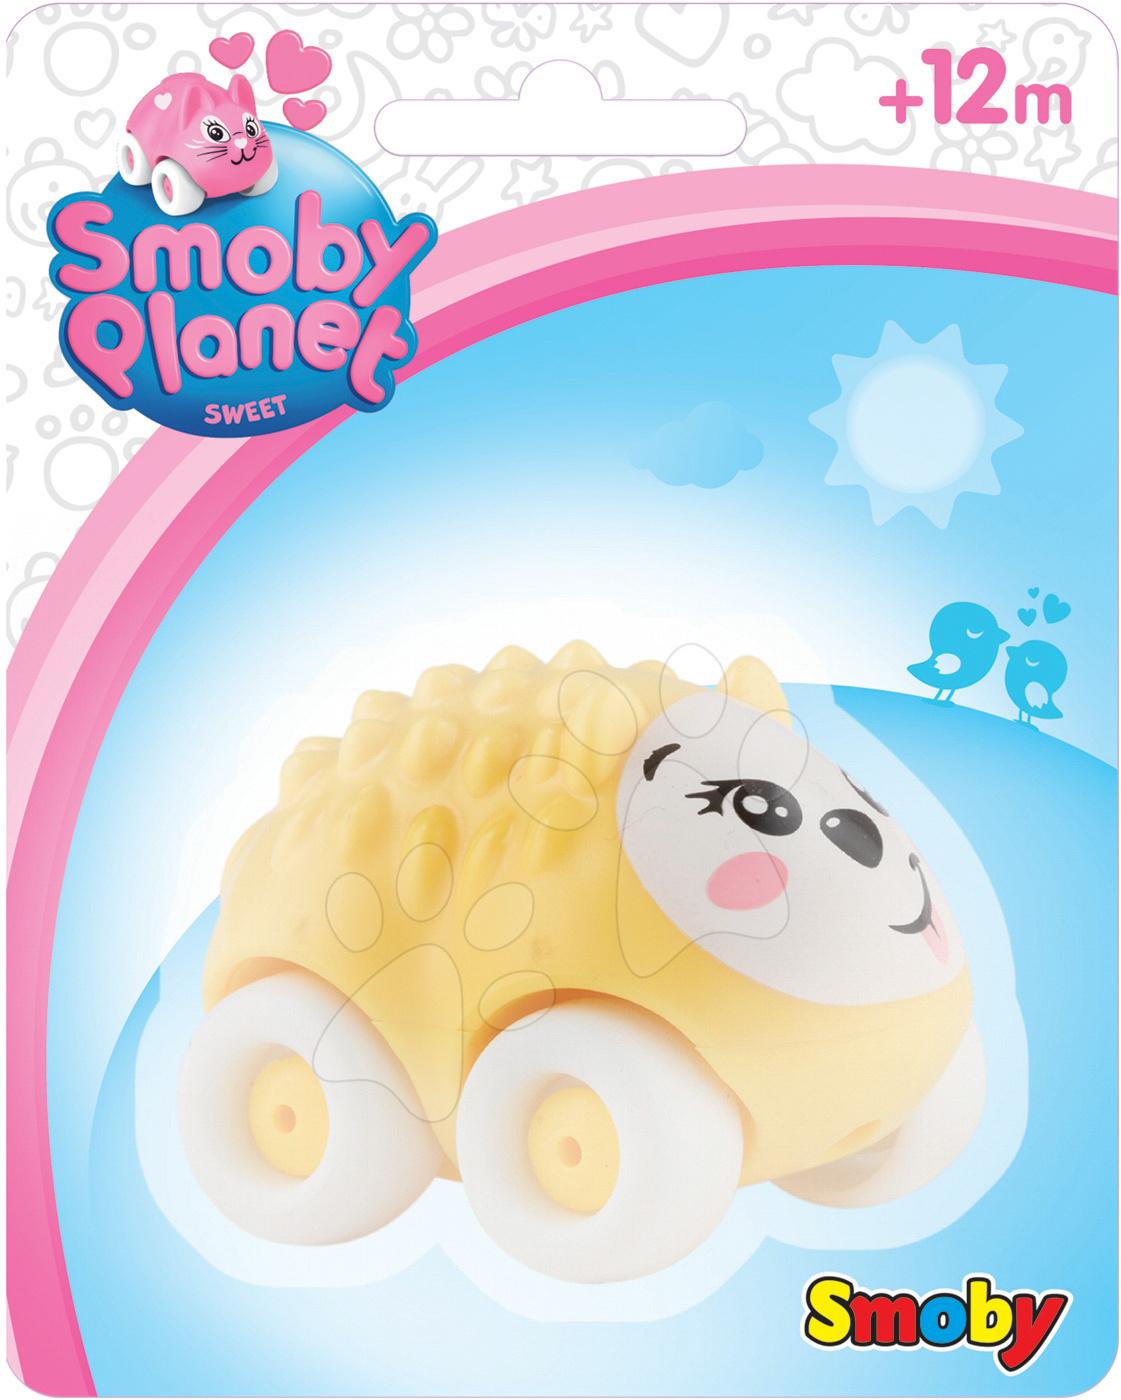 Zvířátko na kolečkách Sweet Planet Smoby pejsek, ježek, zajíček, myška, kočička, kravička 7 cm na kartě od 12 měsíců